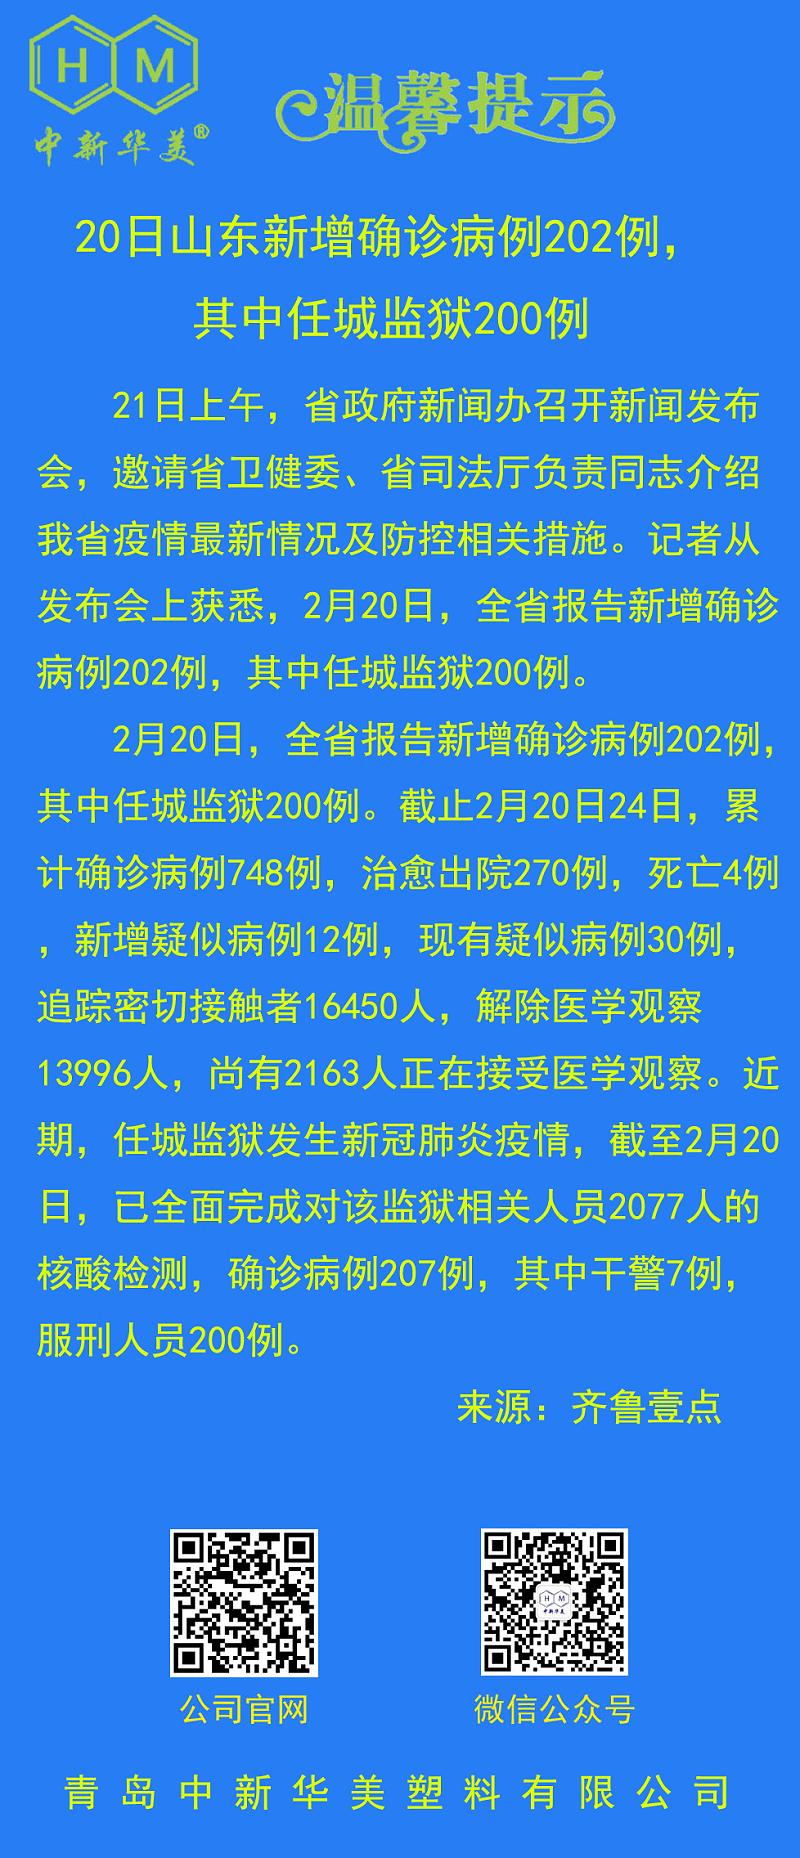 中新华美改性塑料温馨提示:20日山东新增确诊病例202例